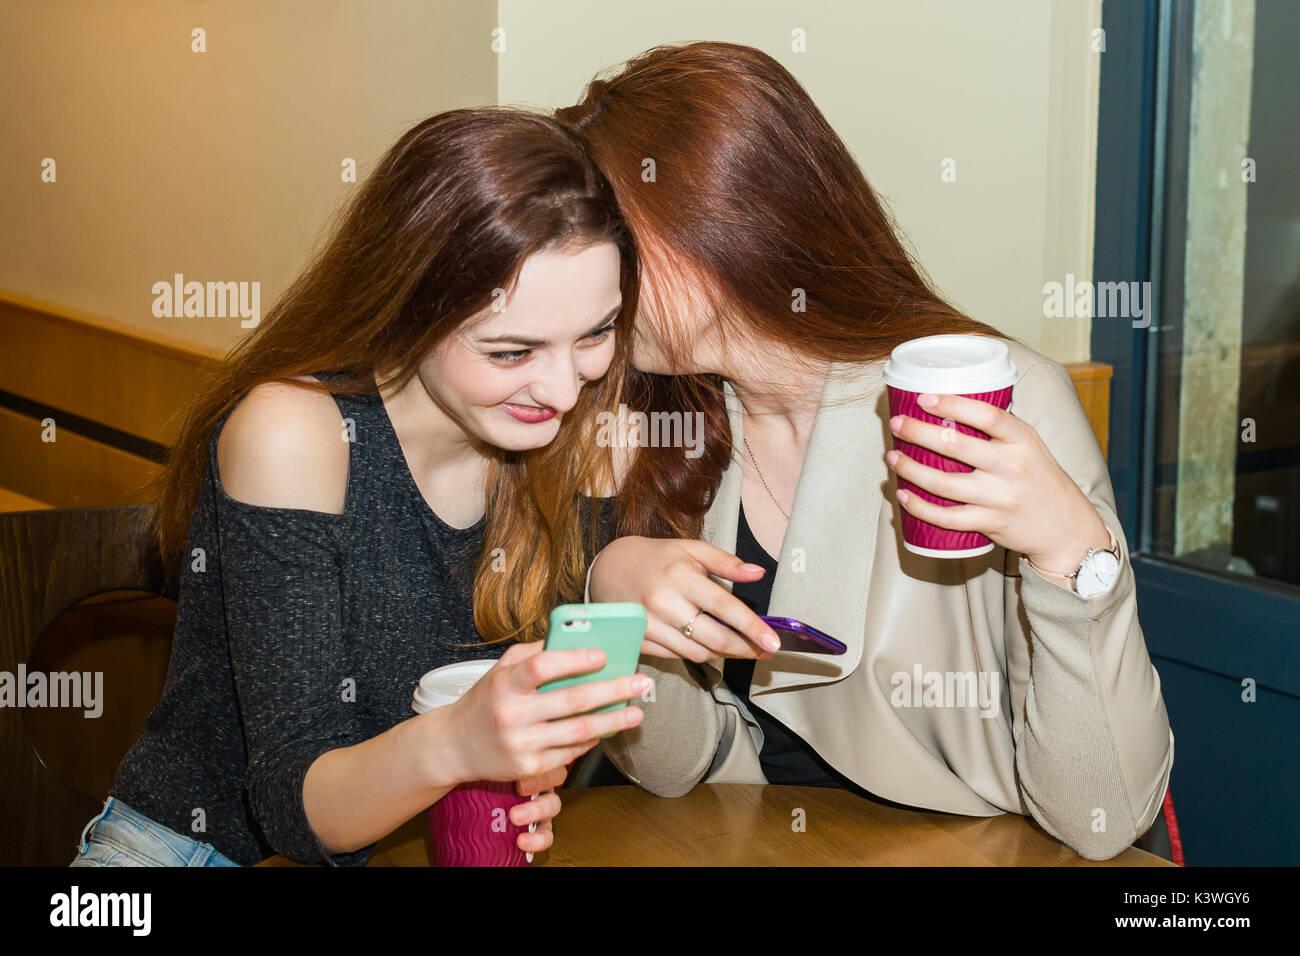 Zwei Mädchen tratschen in einem Cafe Bar Stockbild